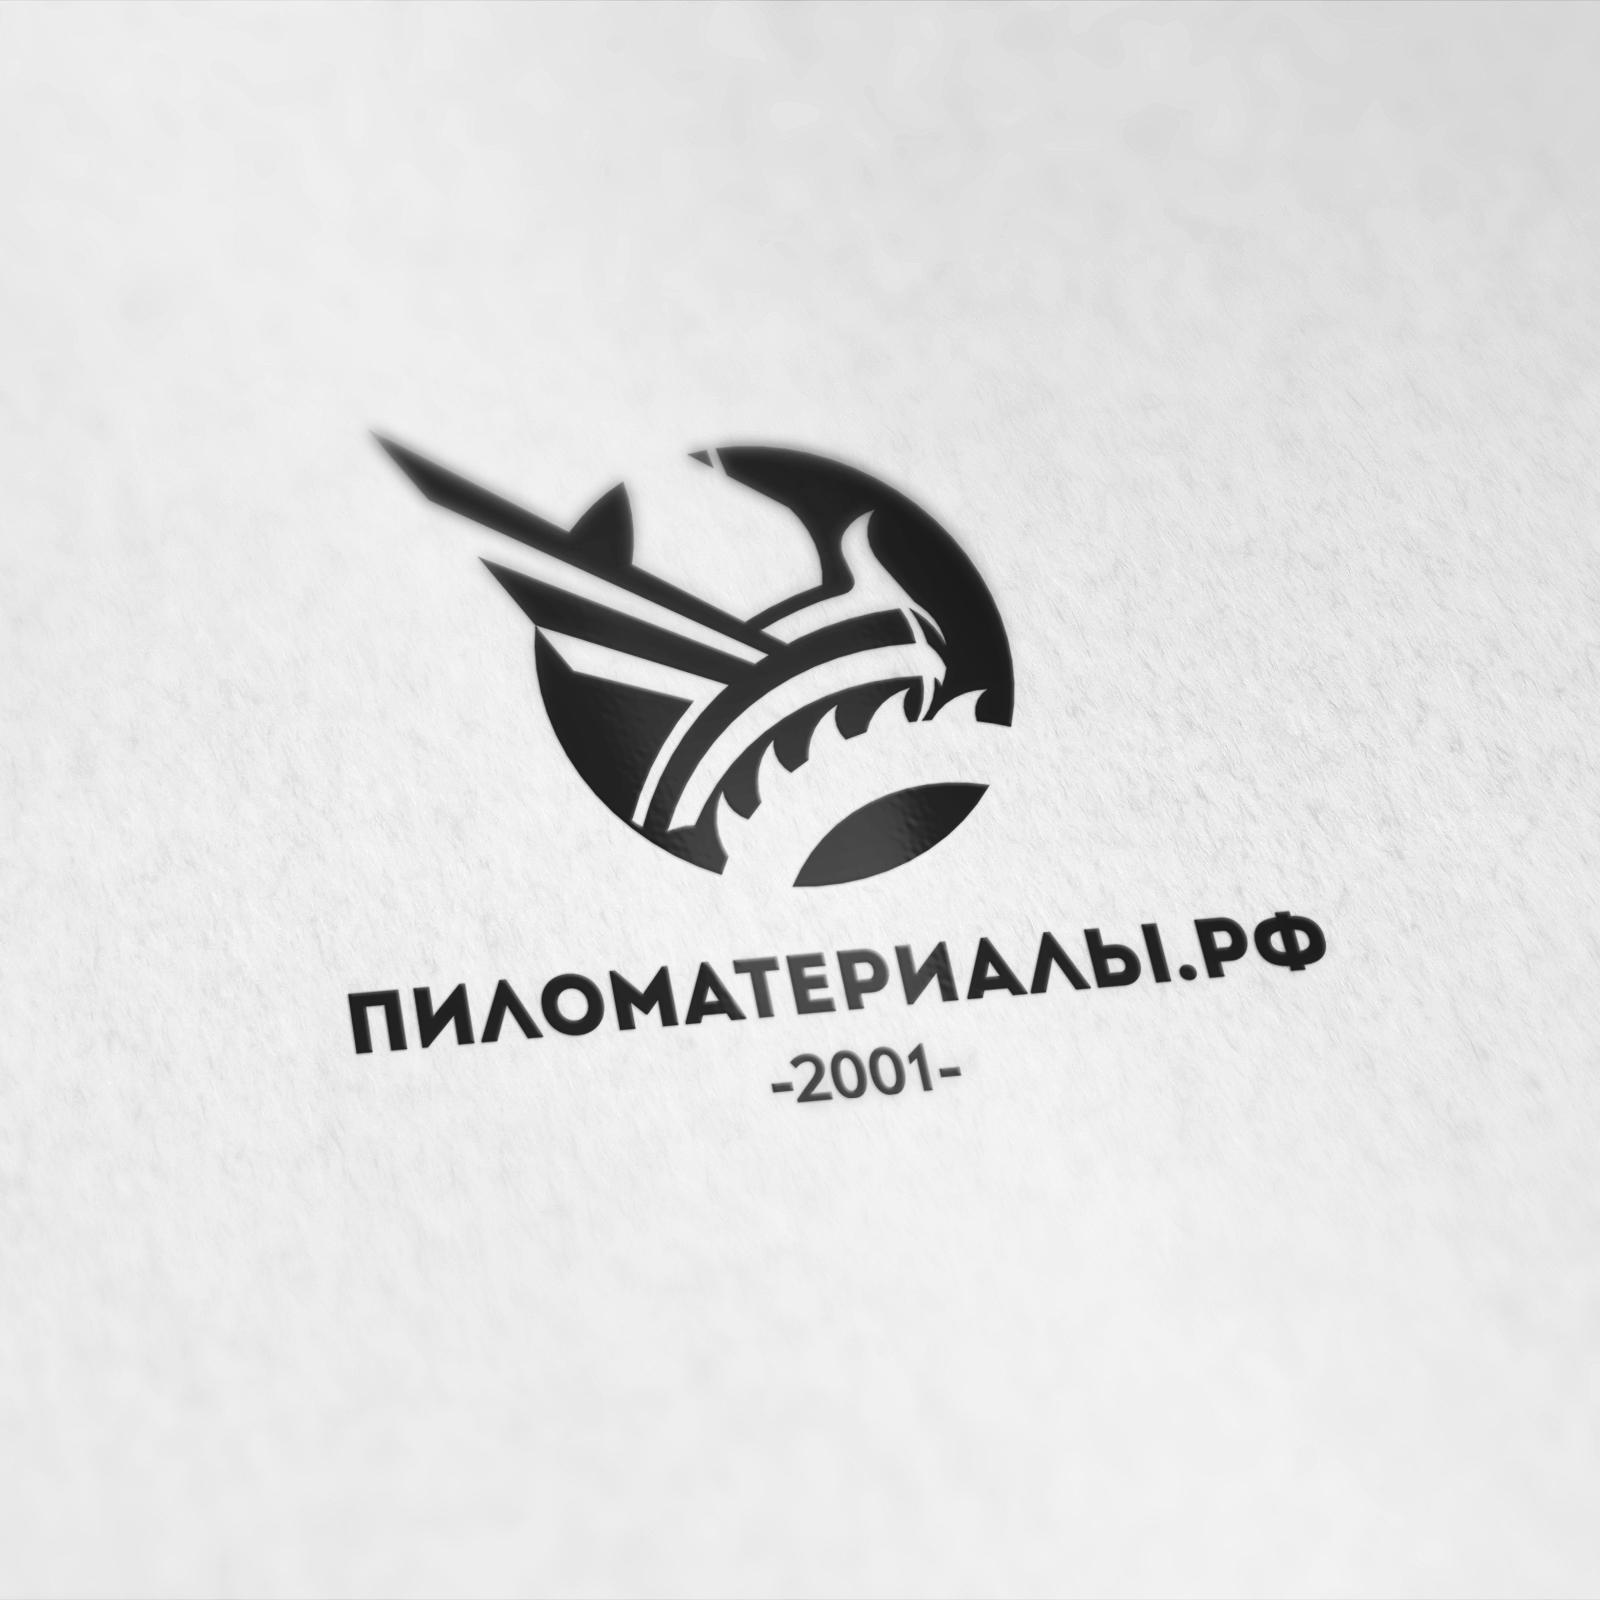 """Создание логотипа и фирменного стиля """"Пиломатериалы.РФ"""" фото f_479530c64767a137.jpg"""